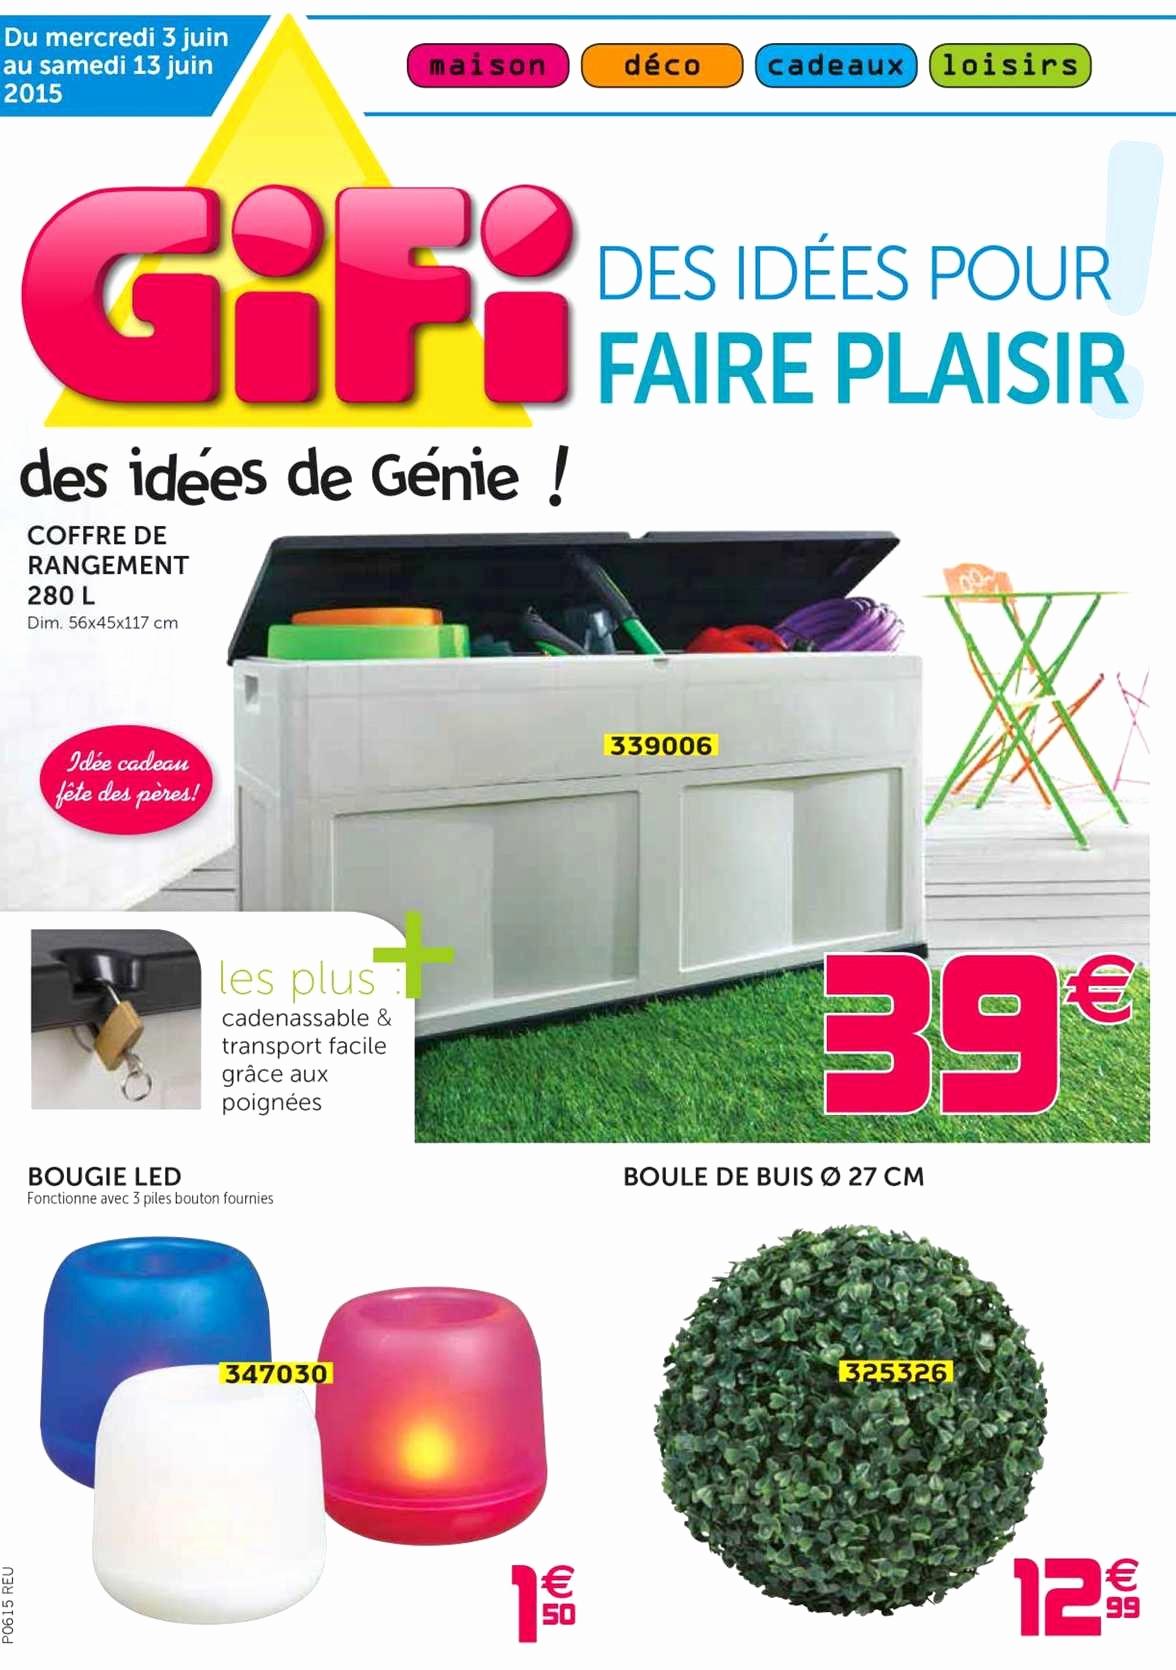 Housse Bz Gifi Élégant Photos Housse De Couette Gifi Impressionnant Notice Montage Armoire Tissu